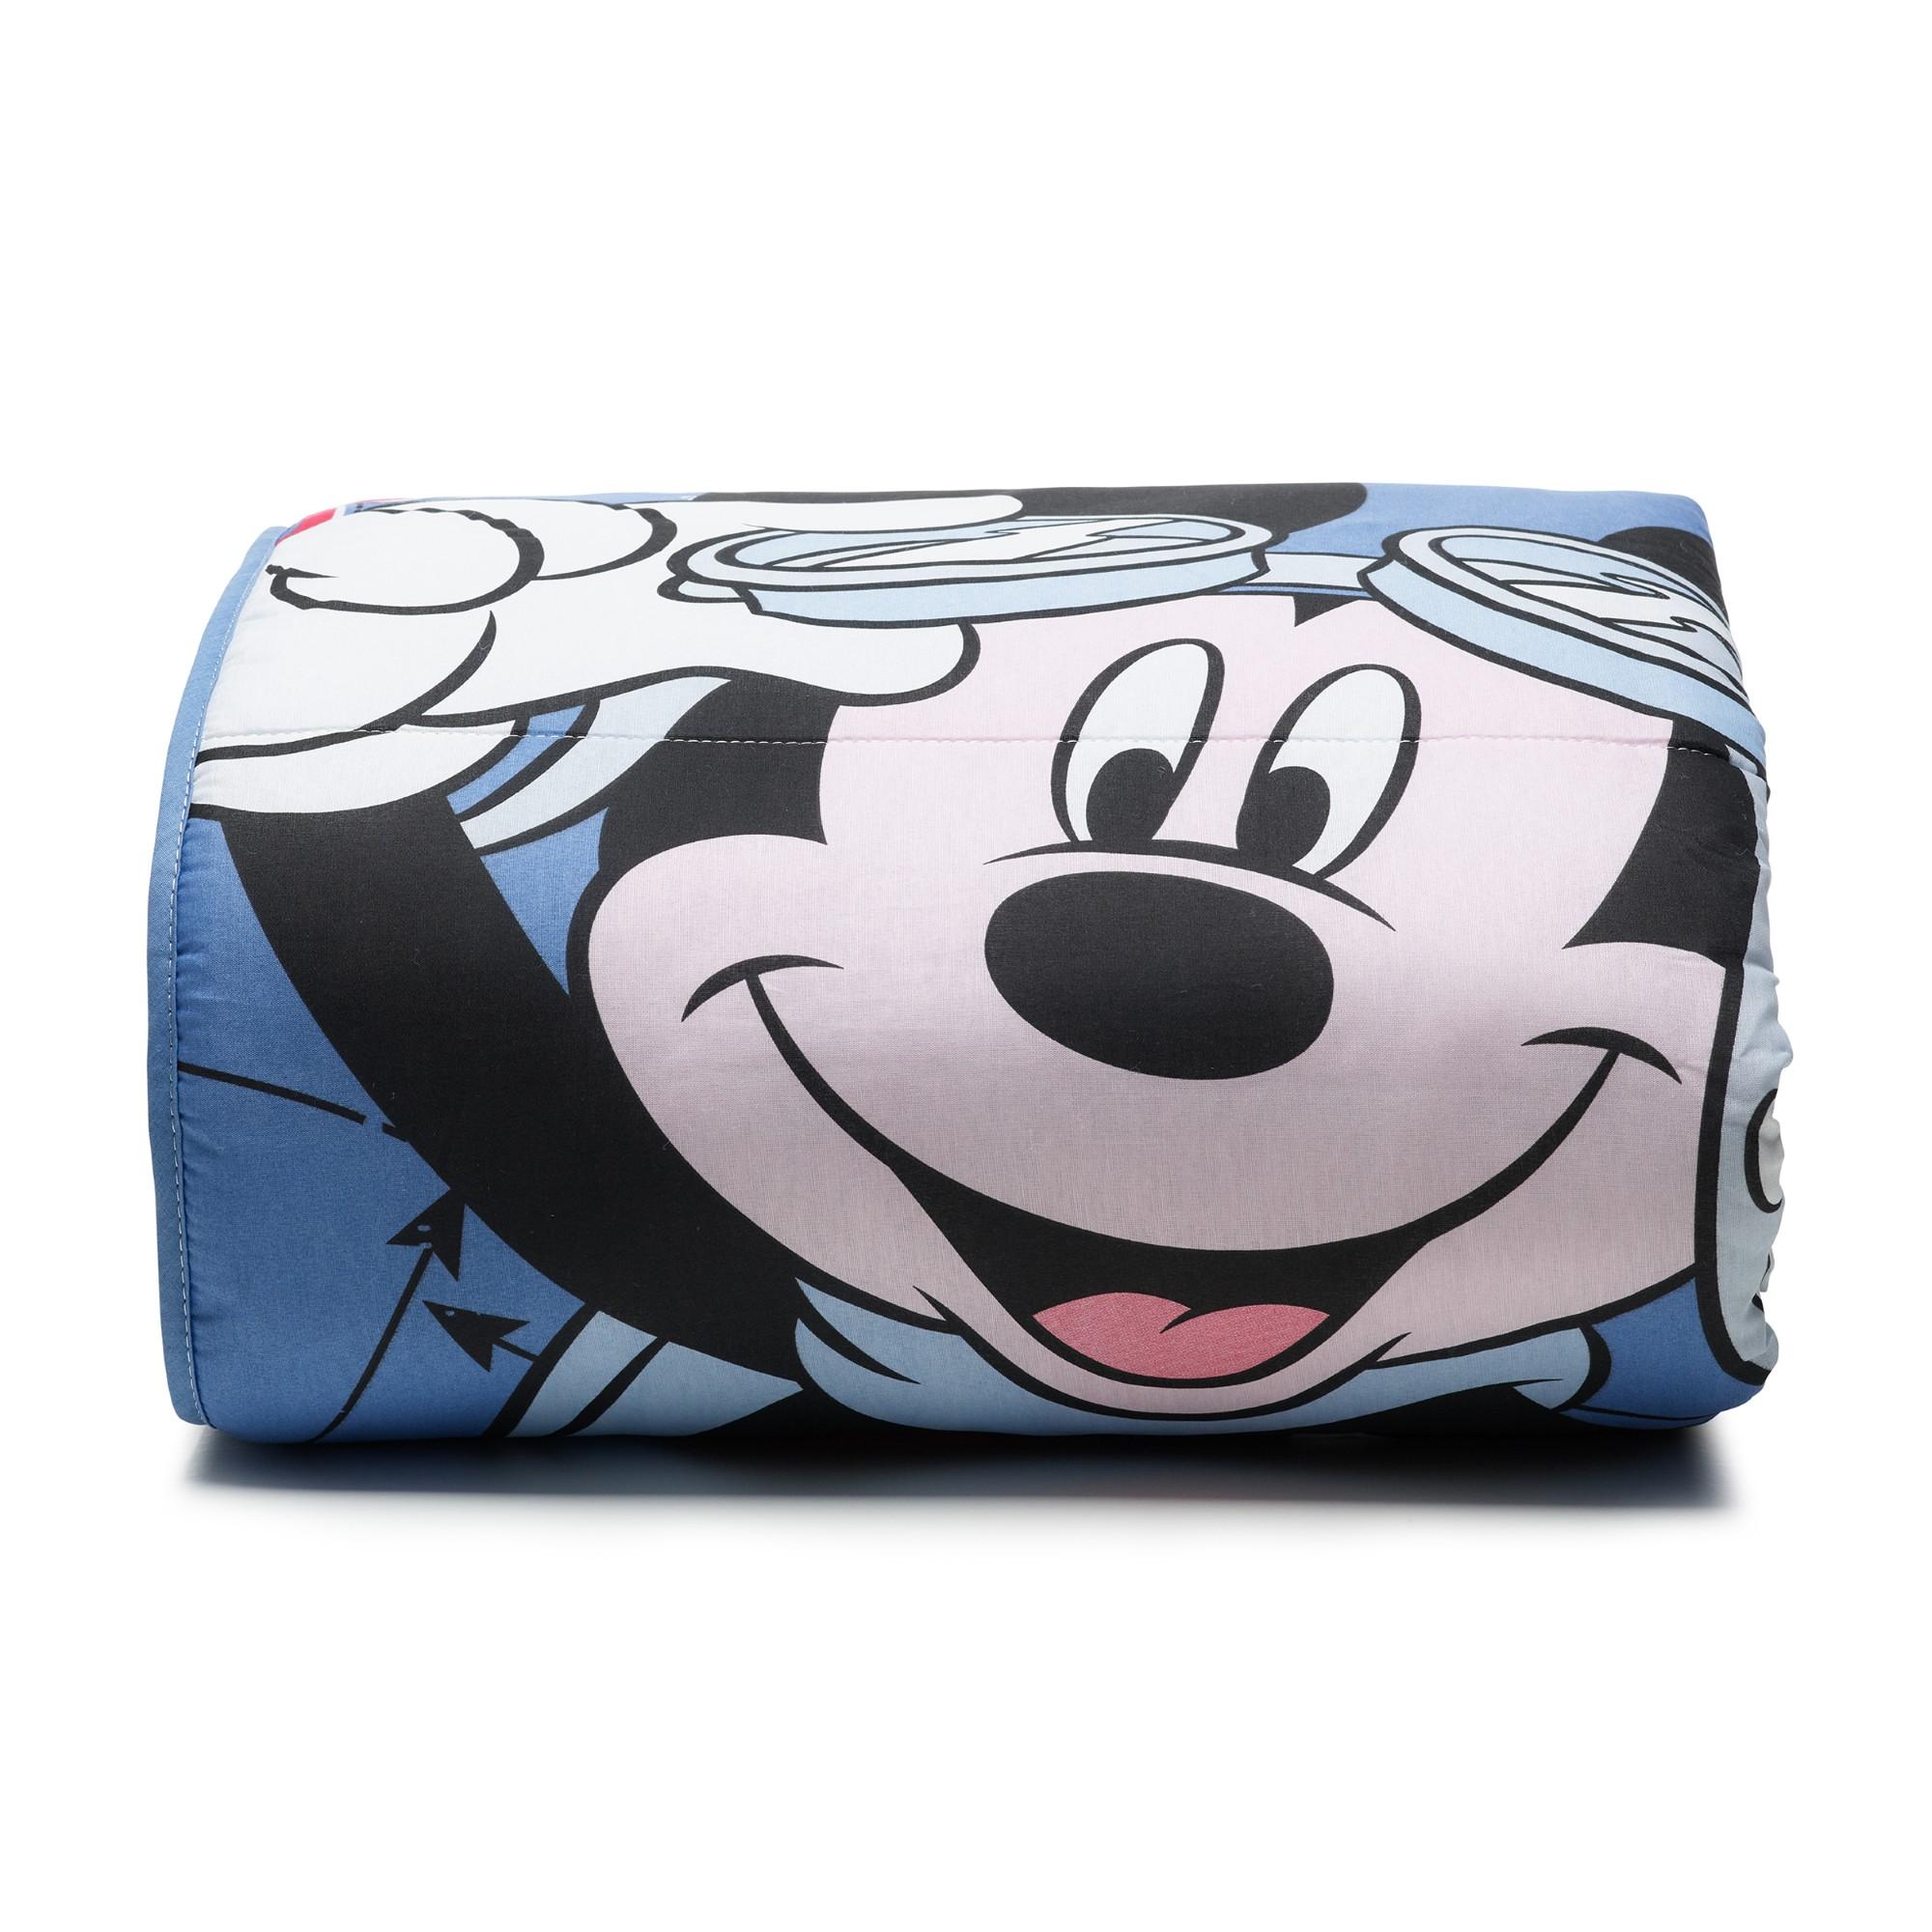 Edredom Infantil Mickey Aviador 100 Agodao Azul Deni 150x220 cm